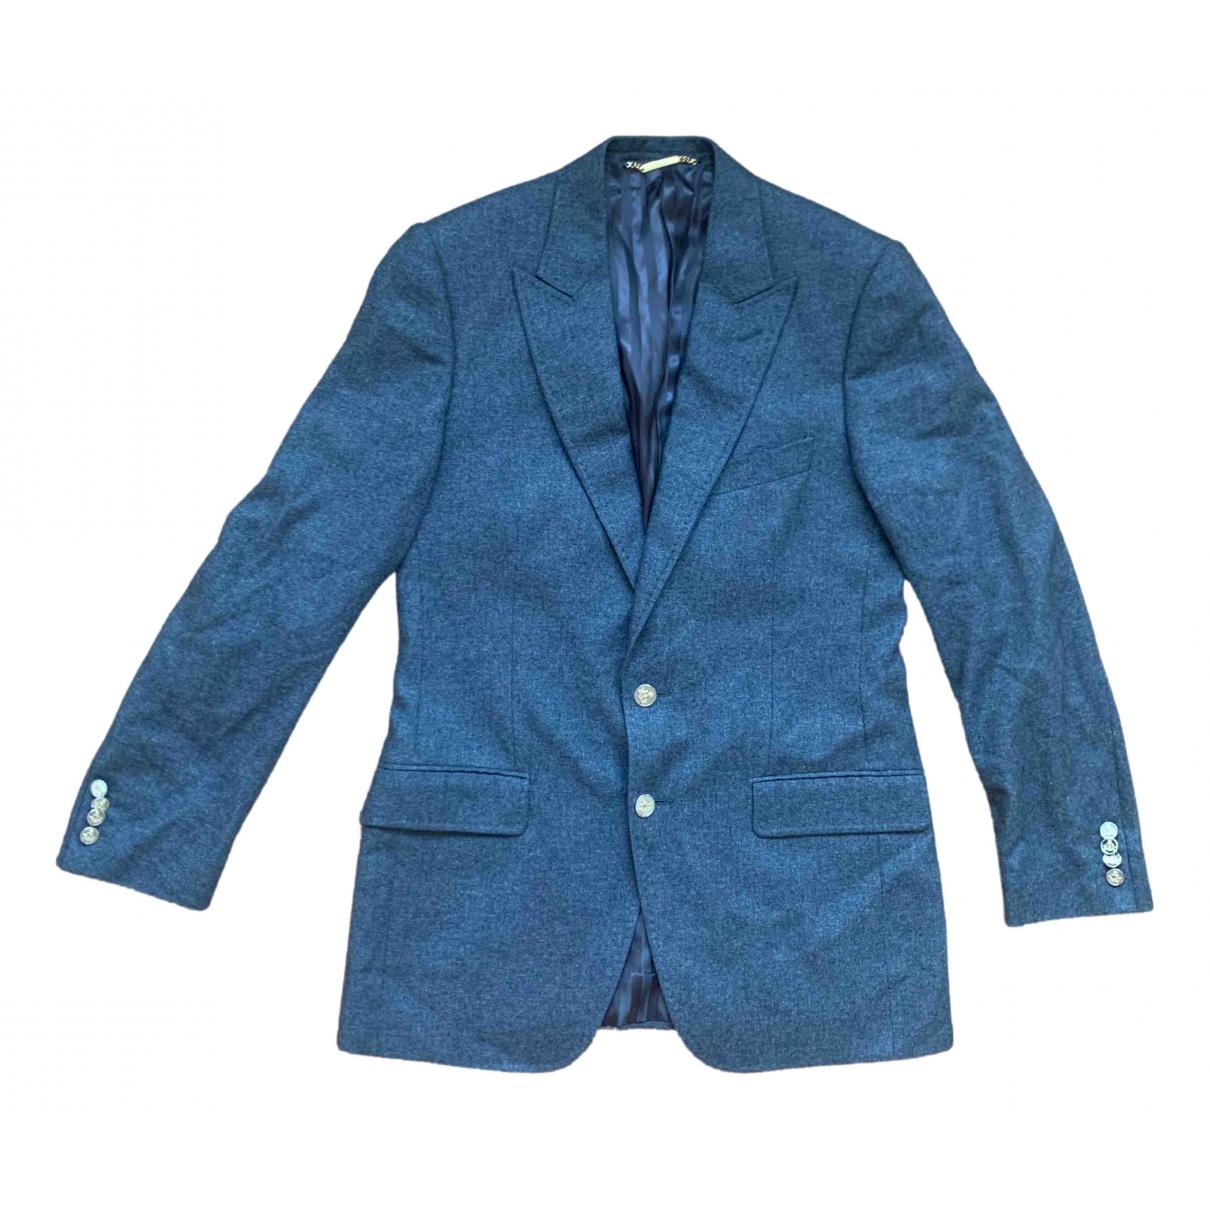 Dolce & Gabbana - Vestes.Blousons   pour homme en cachemire - gris